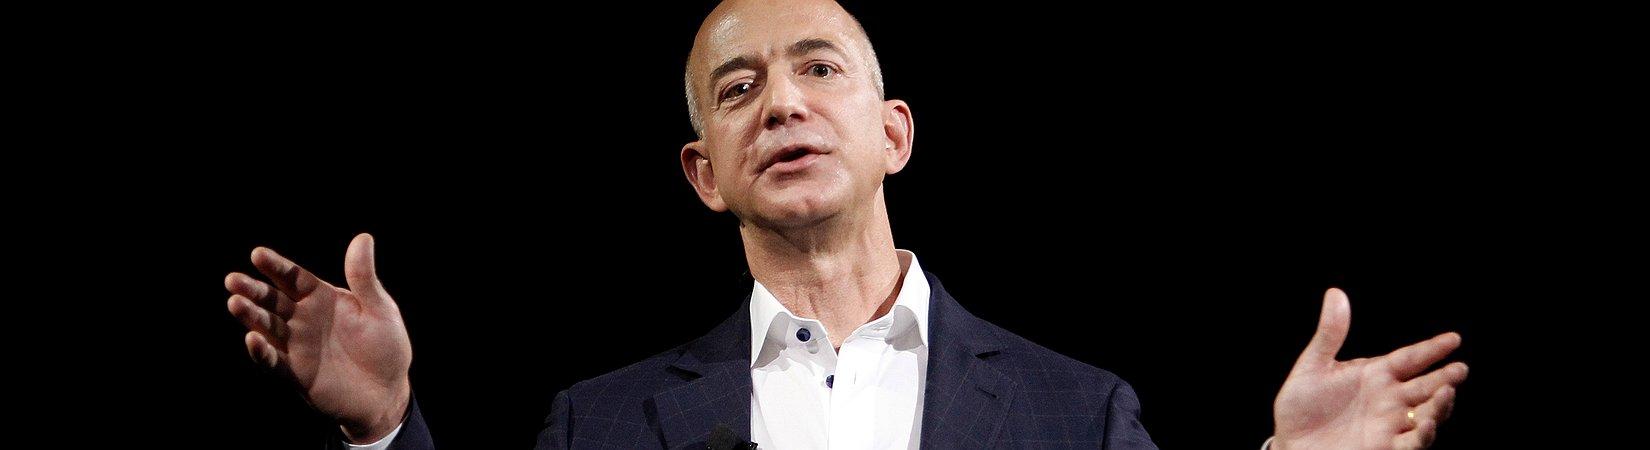 El imperio de Jeff Bezos en 5 gráficos